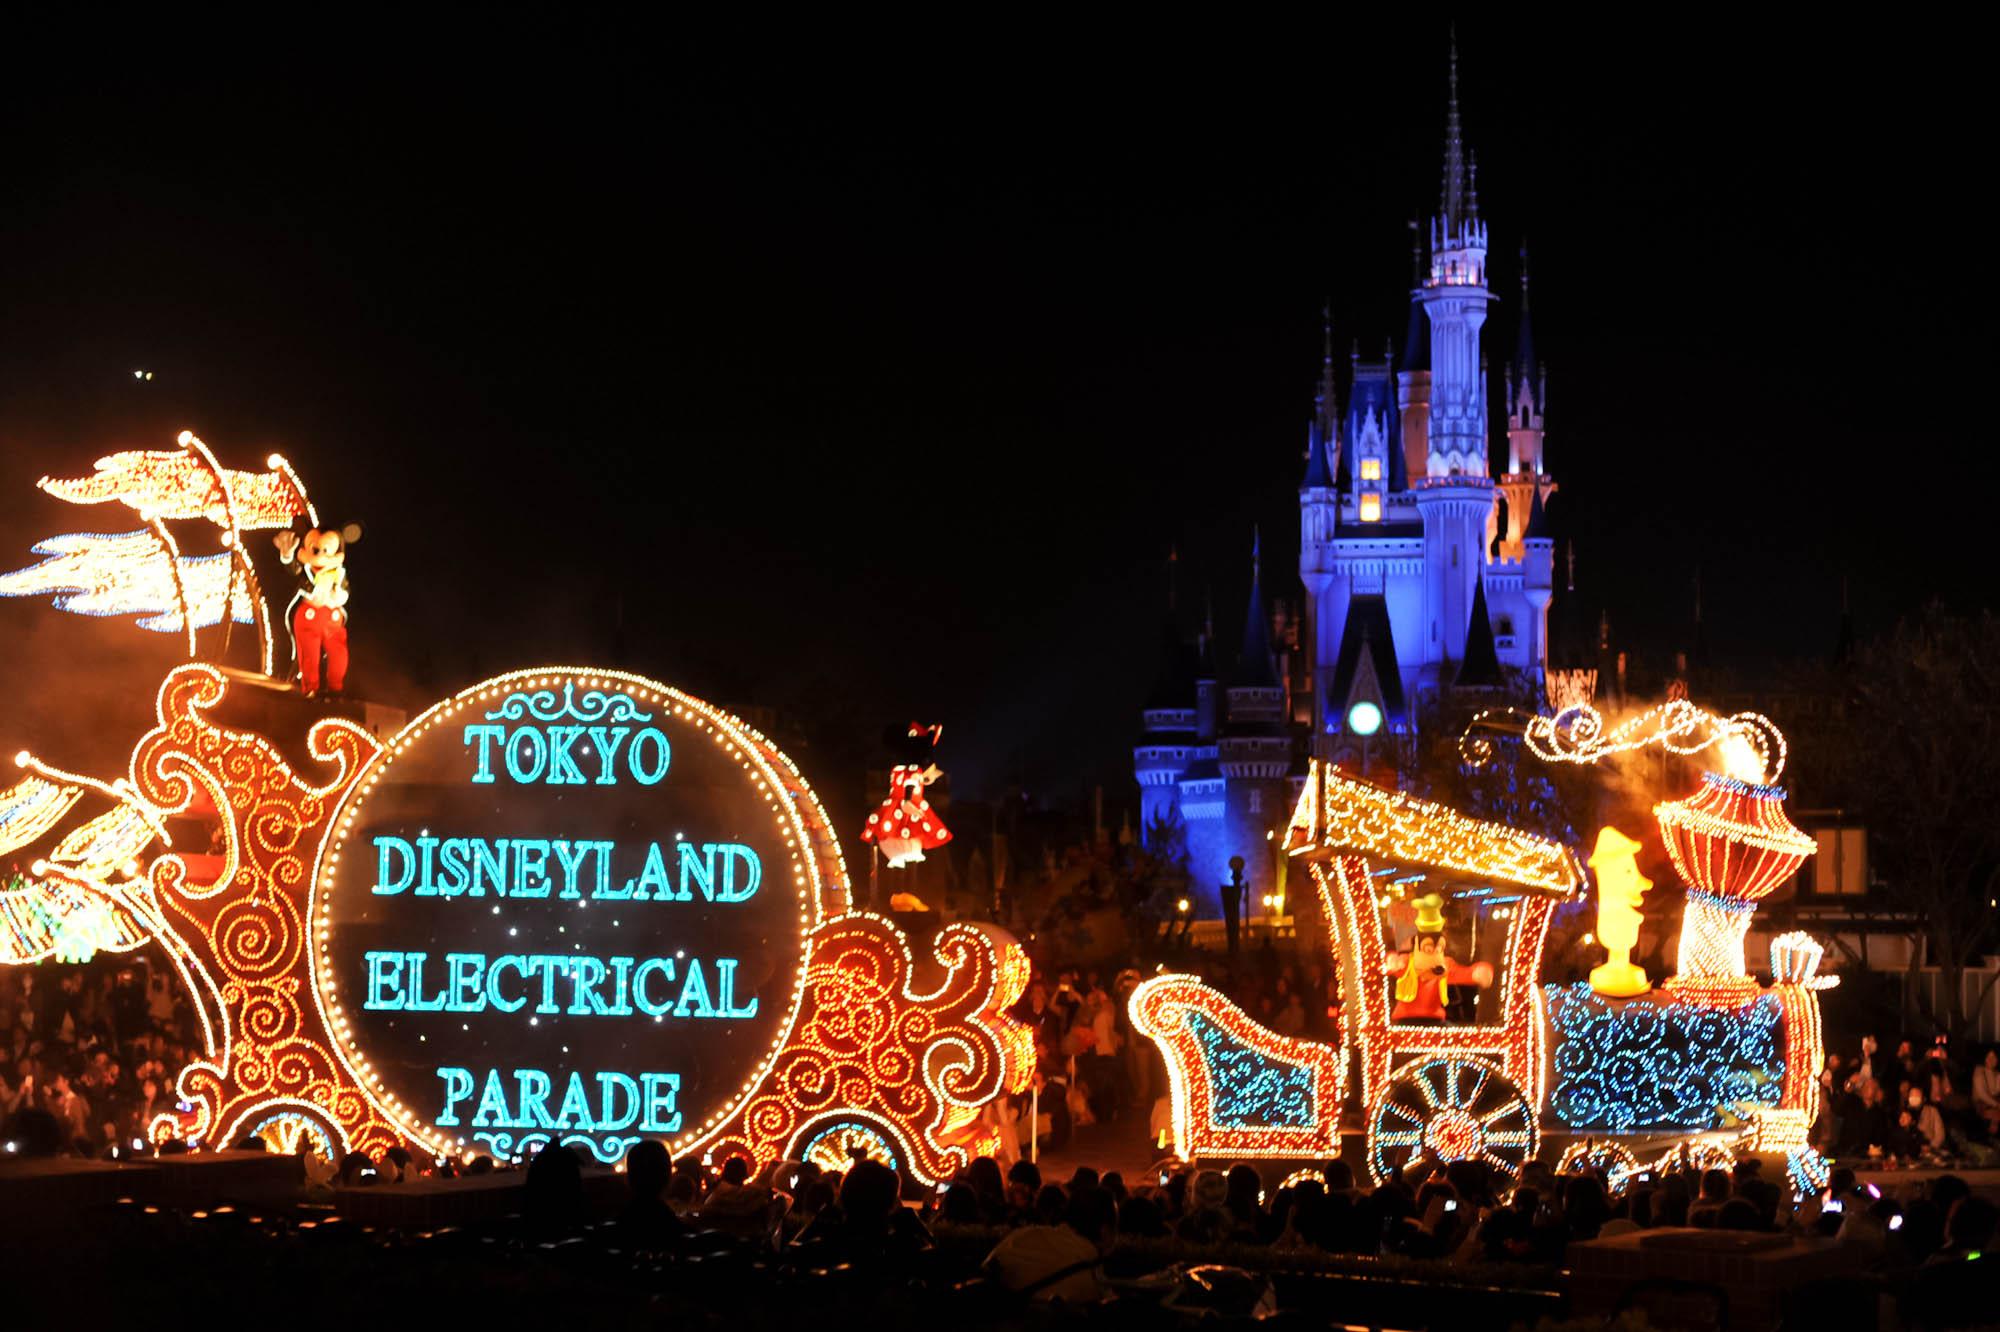 画像 夢の国ディズニーランド Disneyland Pcデスクトップ壁紙 まとめ